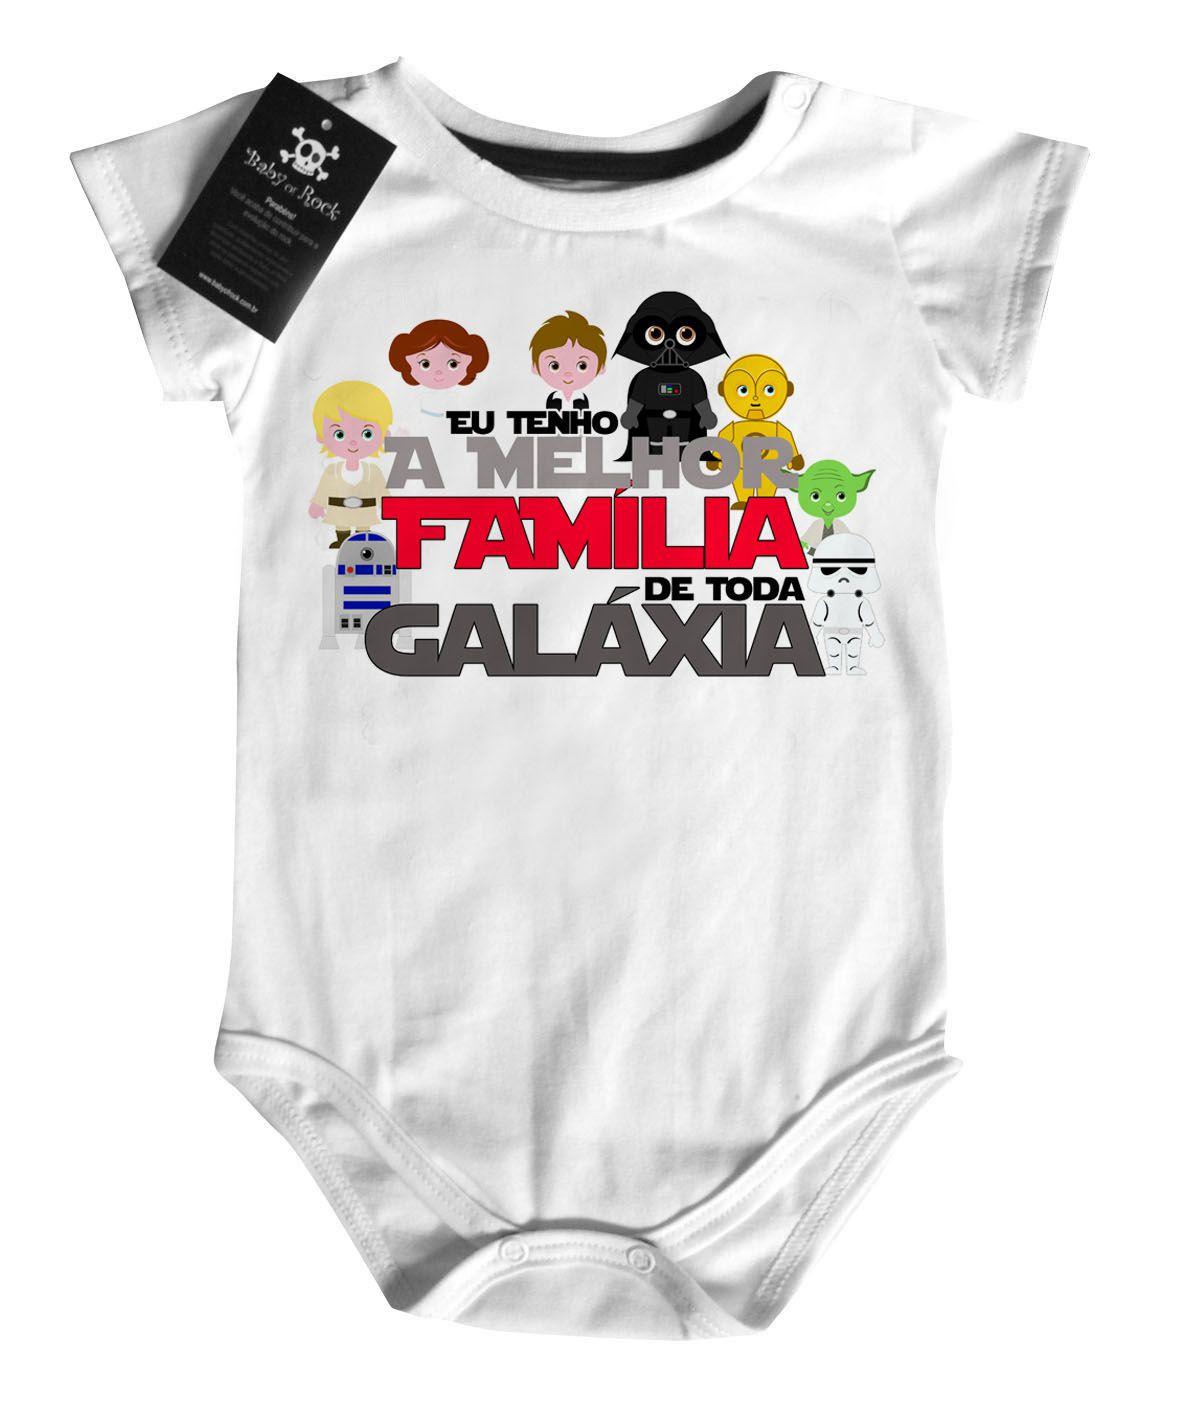 Body Bebe eu Tenho a melhor Família de Toda Galáxia   - Baby Monster S/A